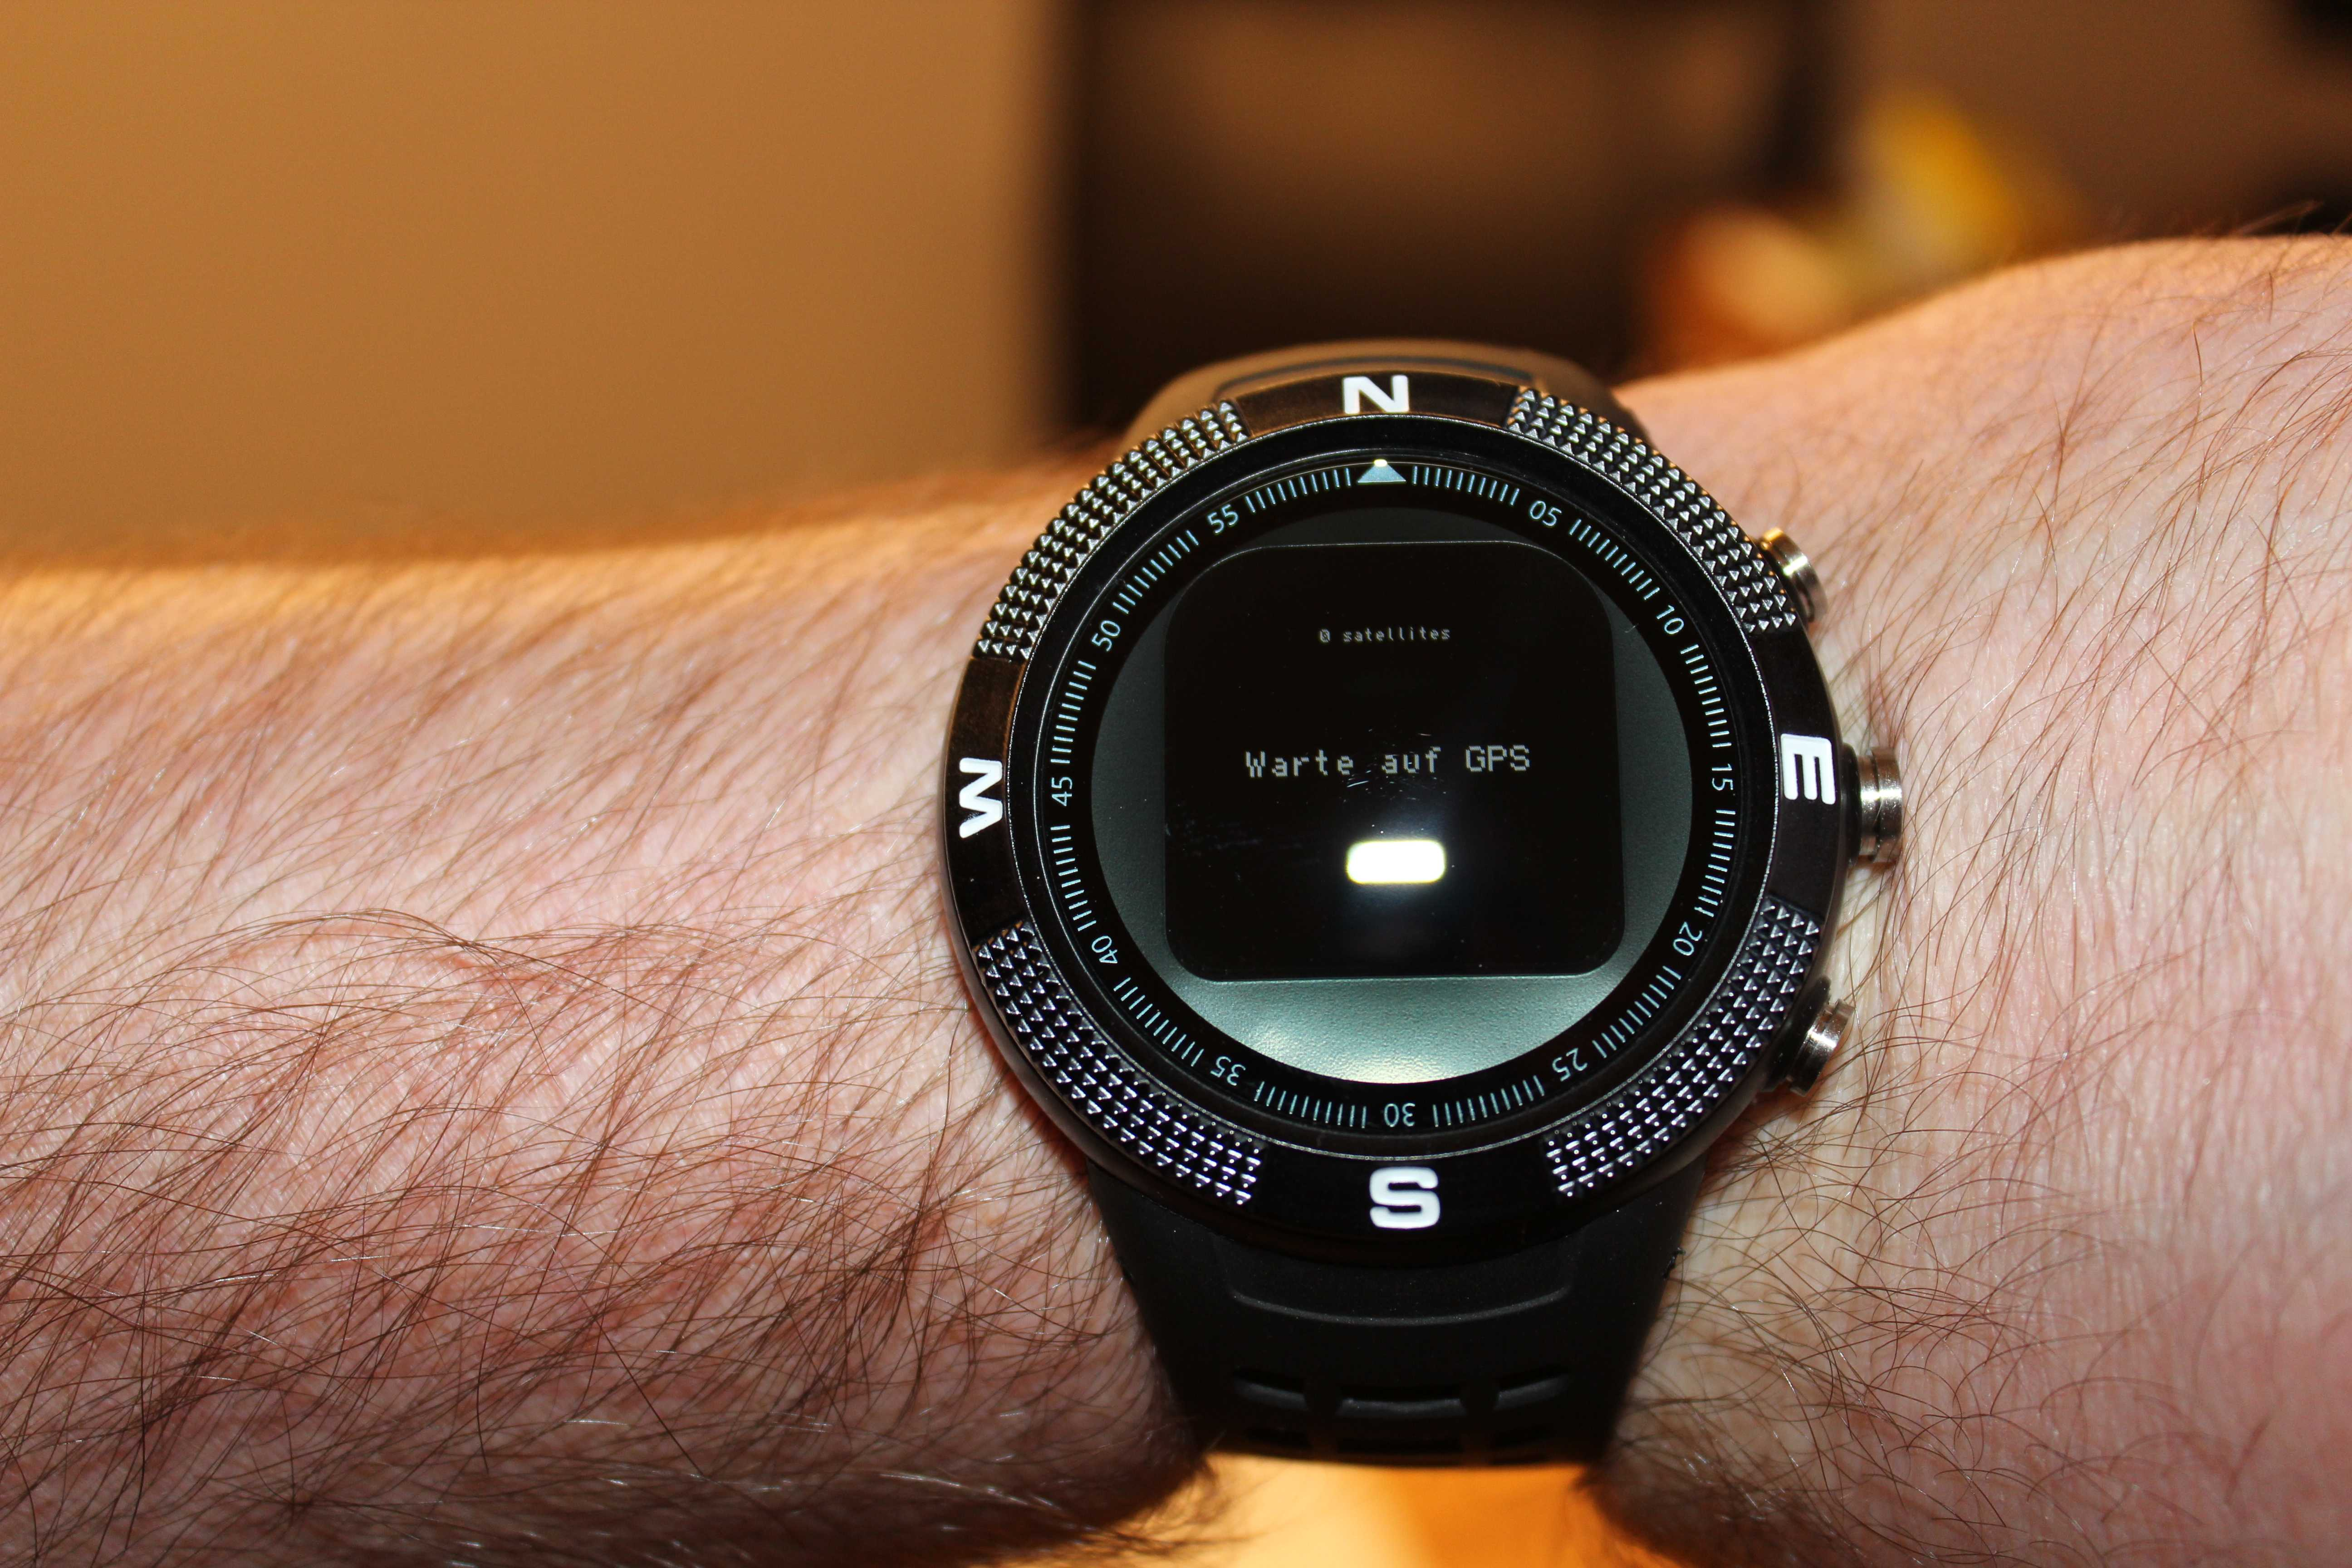 Eine Arm, der eine schwarze Smartwatch am Handgelenk trägt. Auf dem Display steht: Wait for GPS.